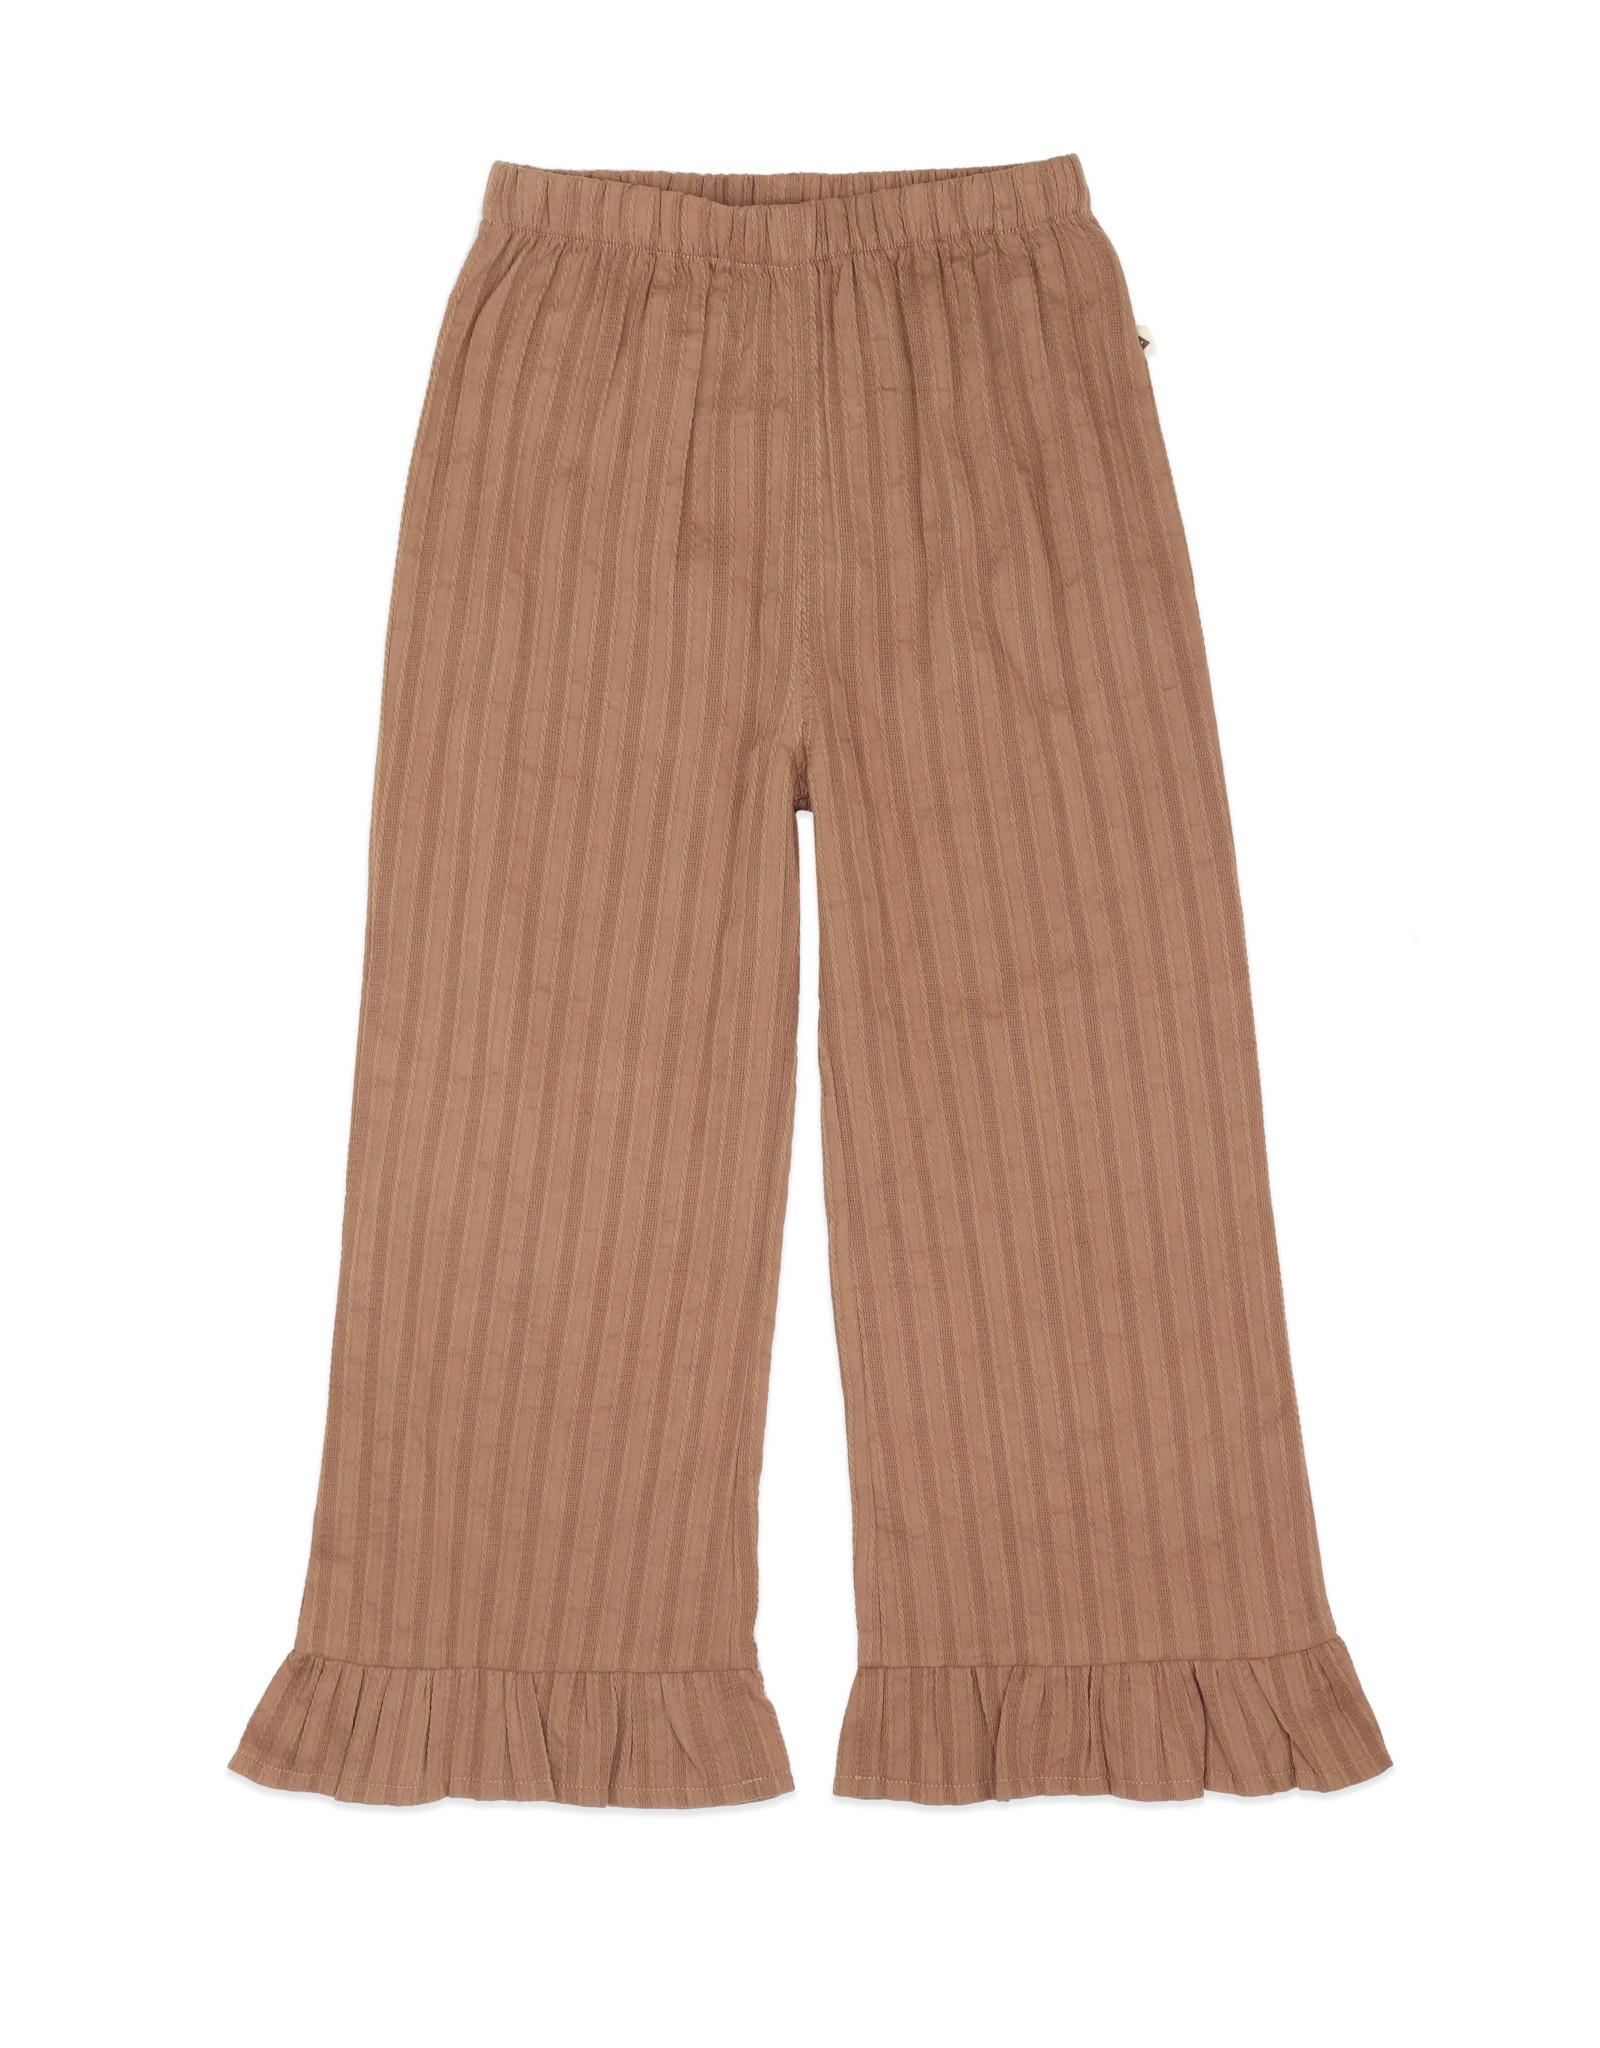 Ammehoela Aya Vintage Brown